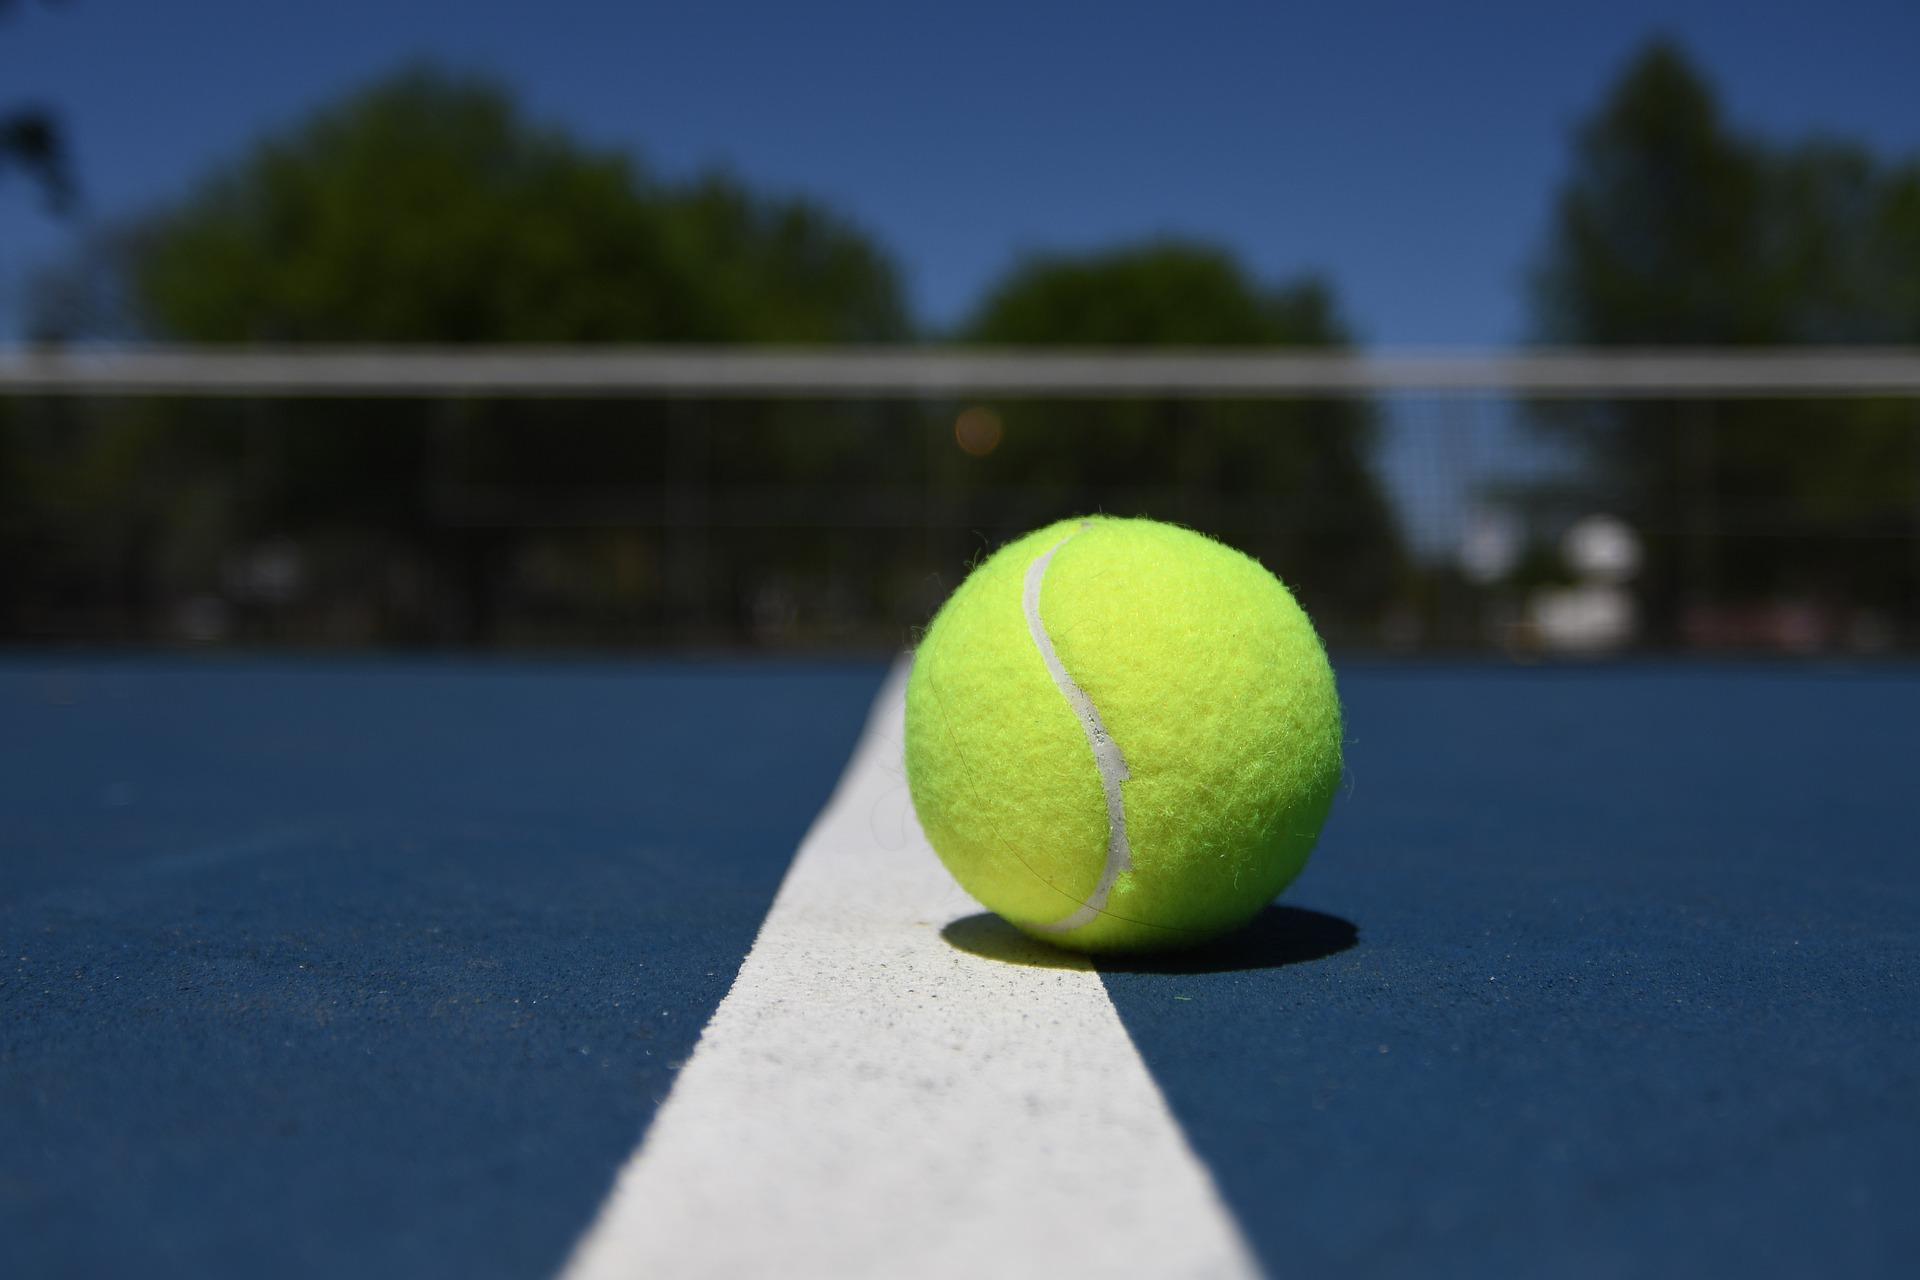 """Djokovic auf dem Weg zum """"Golden Slam"""" – Welcher noch fehlende Titel wird der schwerste?"""